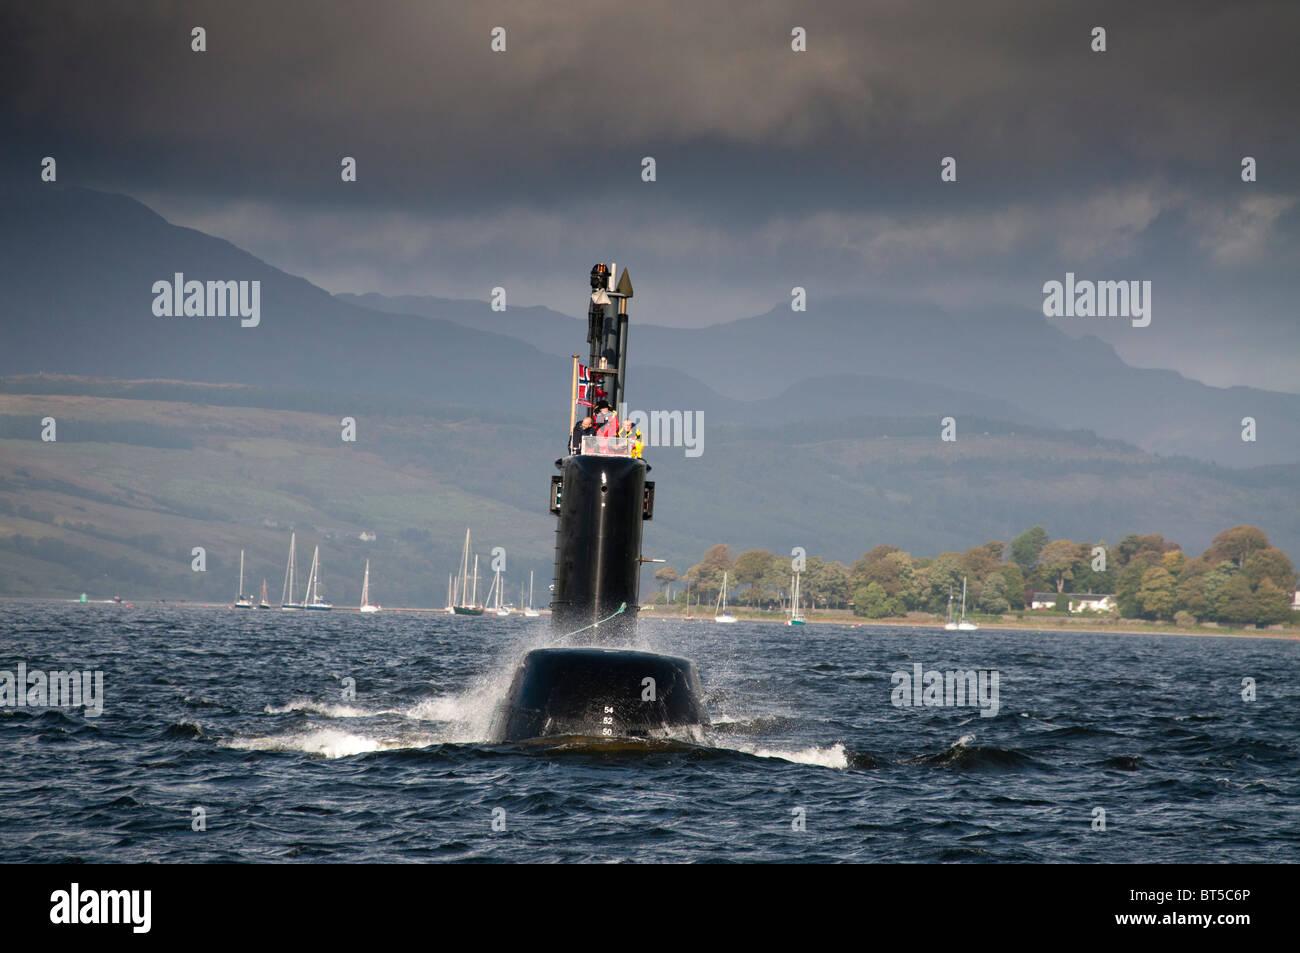 Submarine Ula of the Norwegian Navy - Stock Image